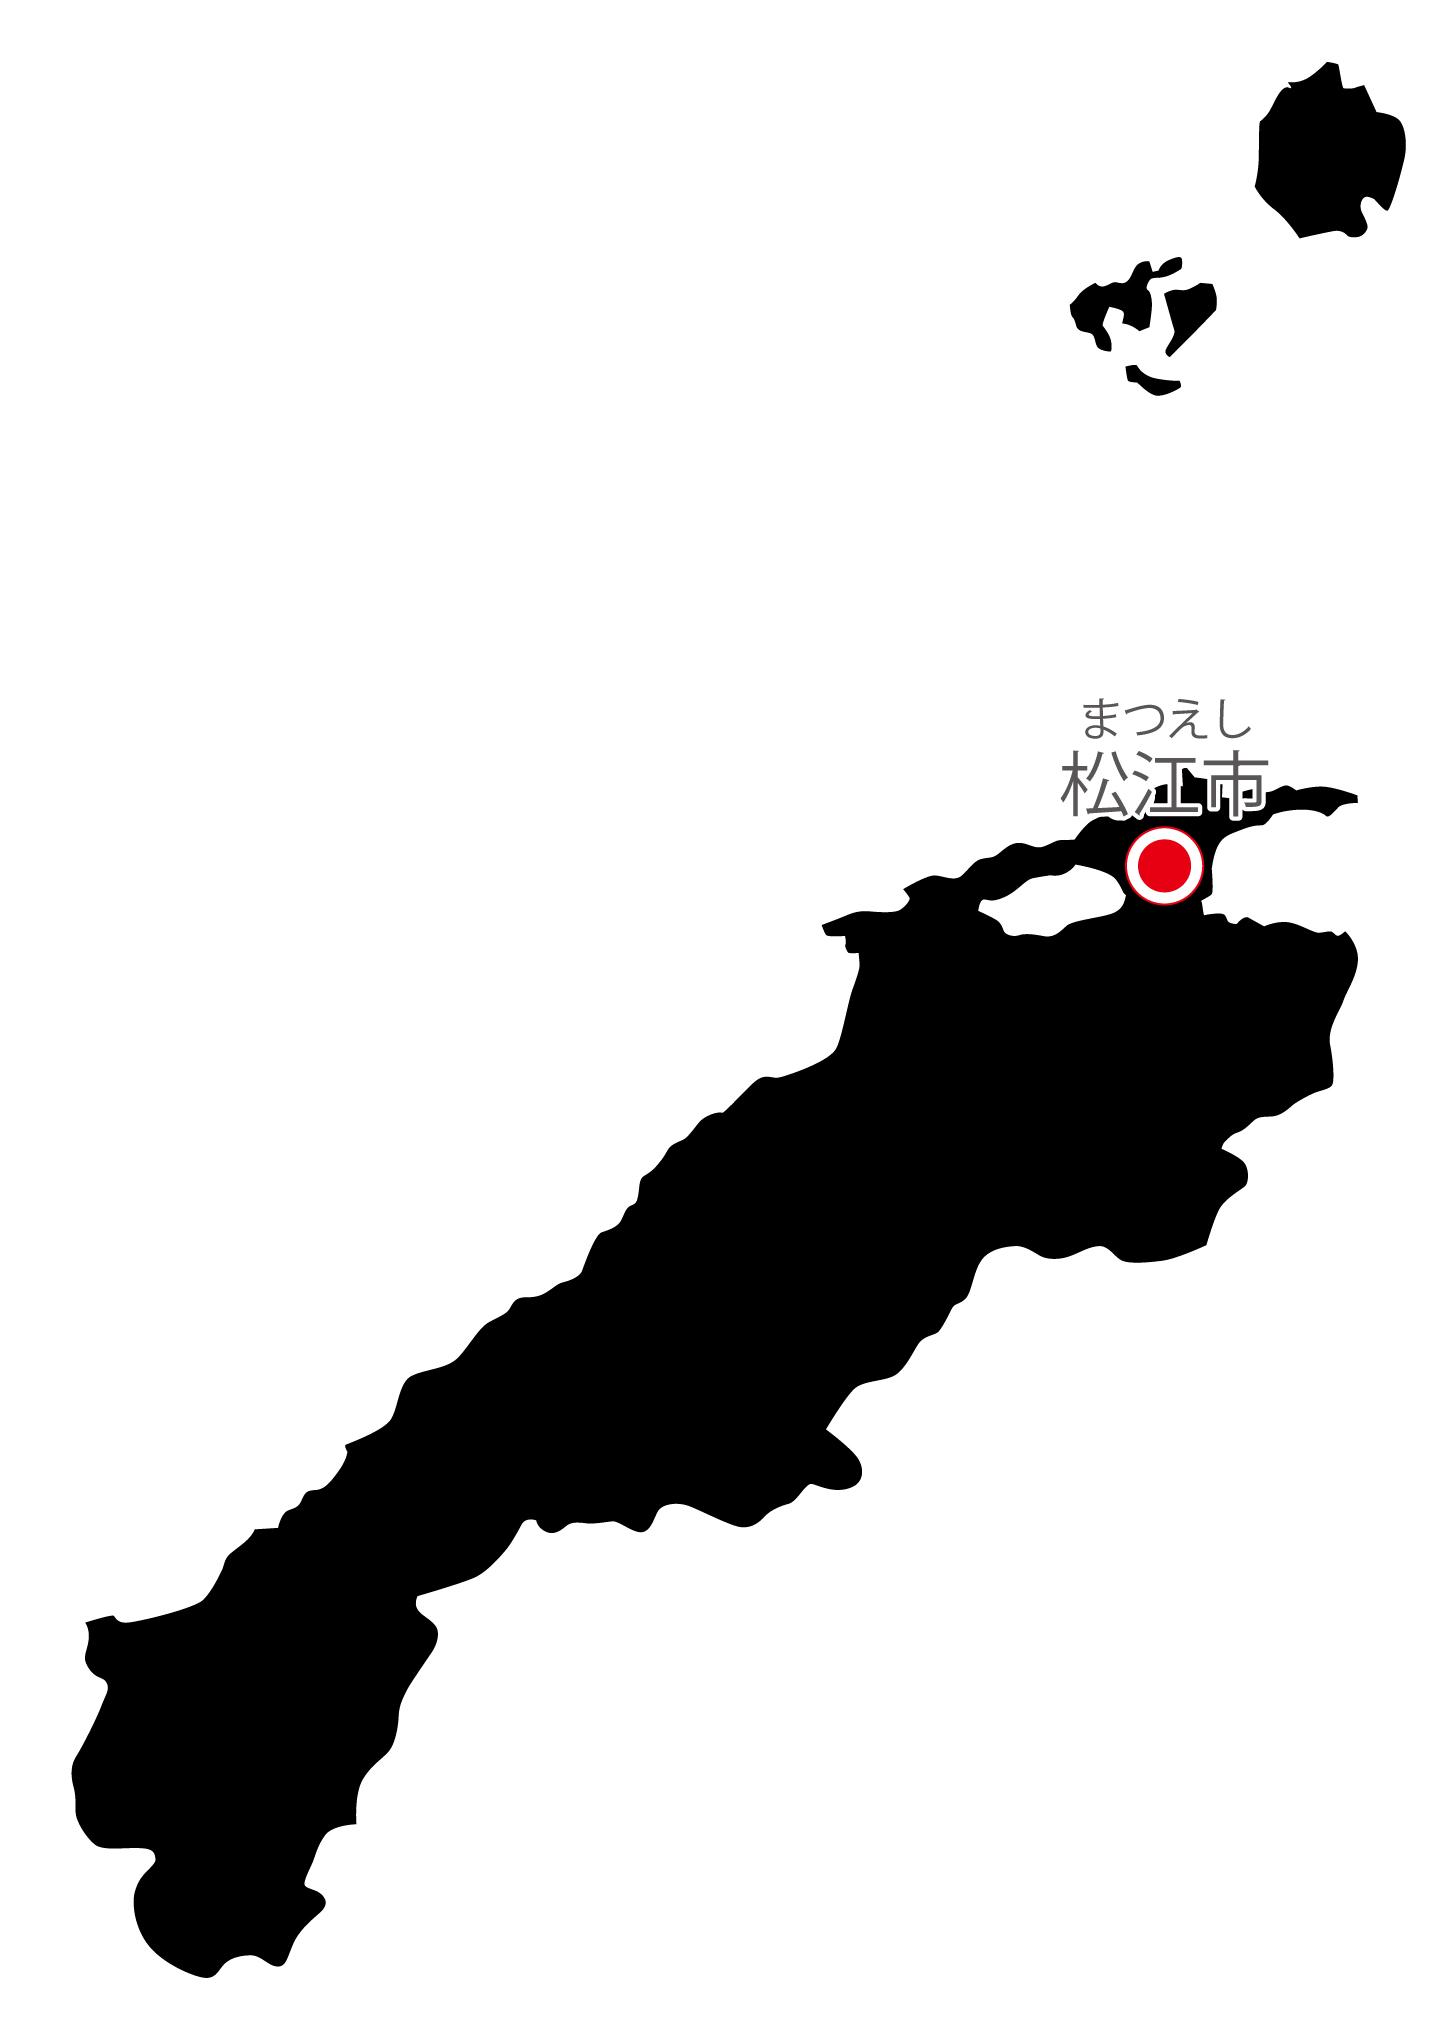 島根県無料フリーイラスト|日本語・県庁所在地あり・ルビあり(黒)